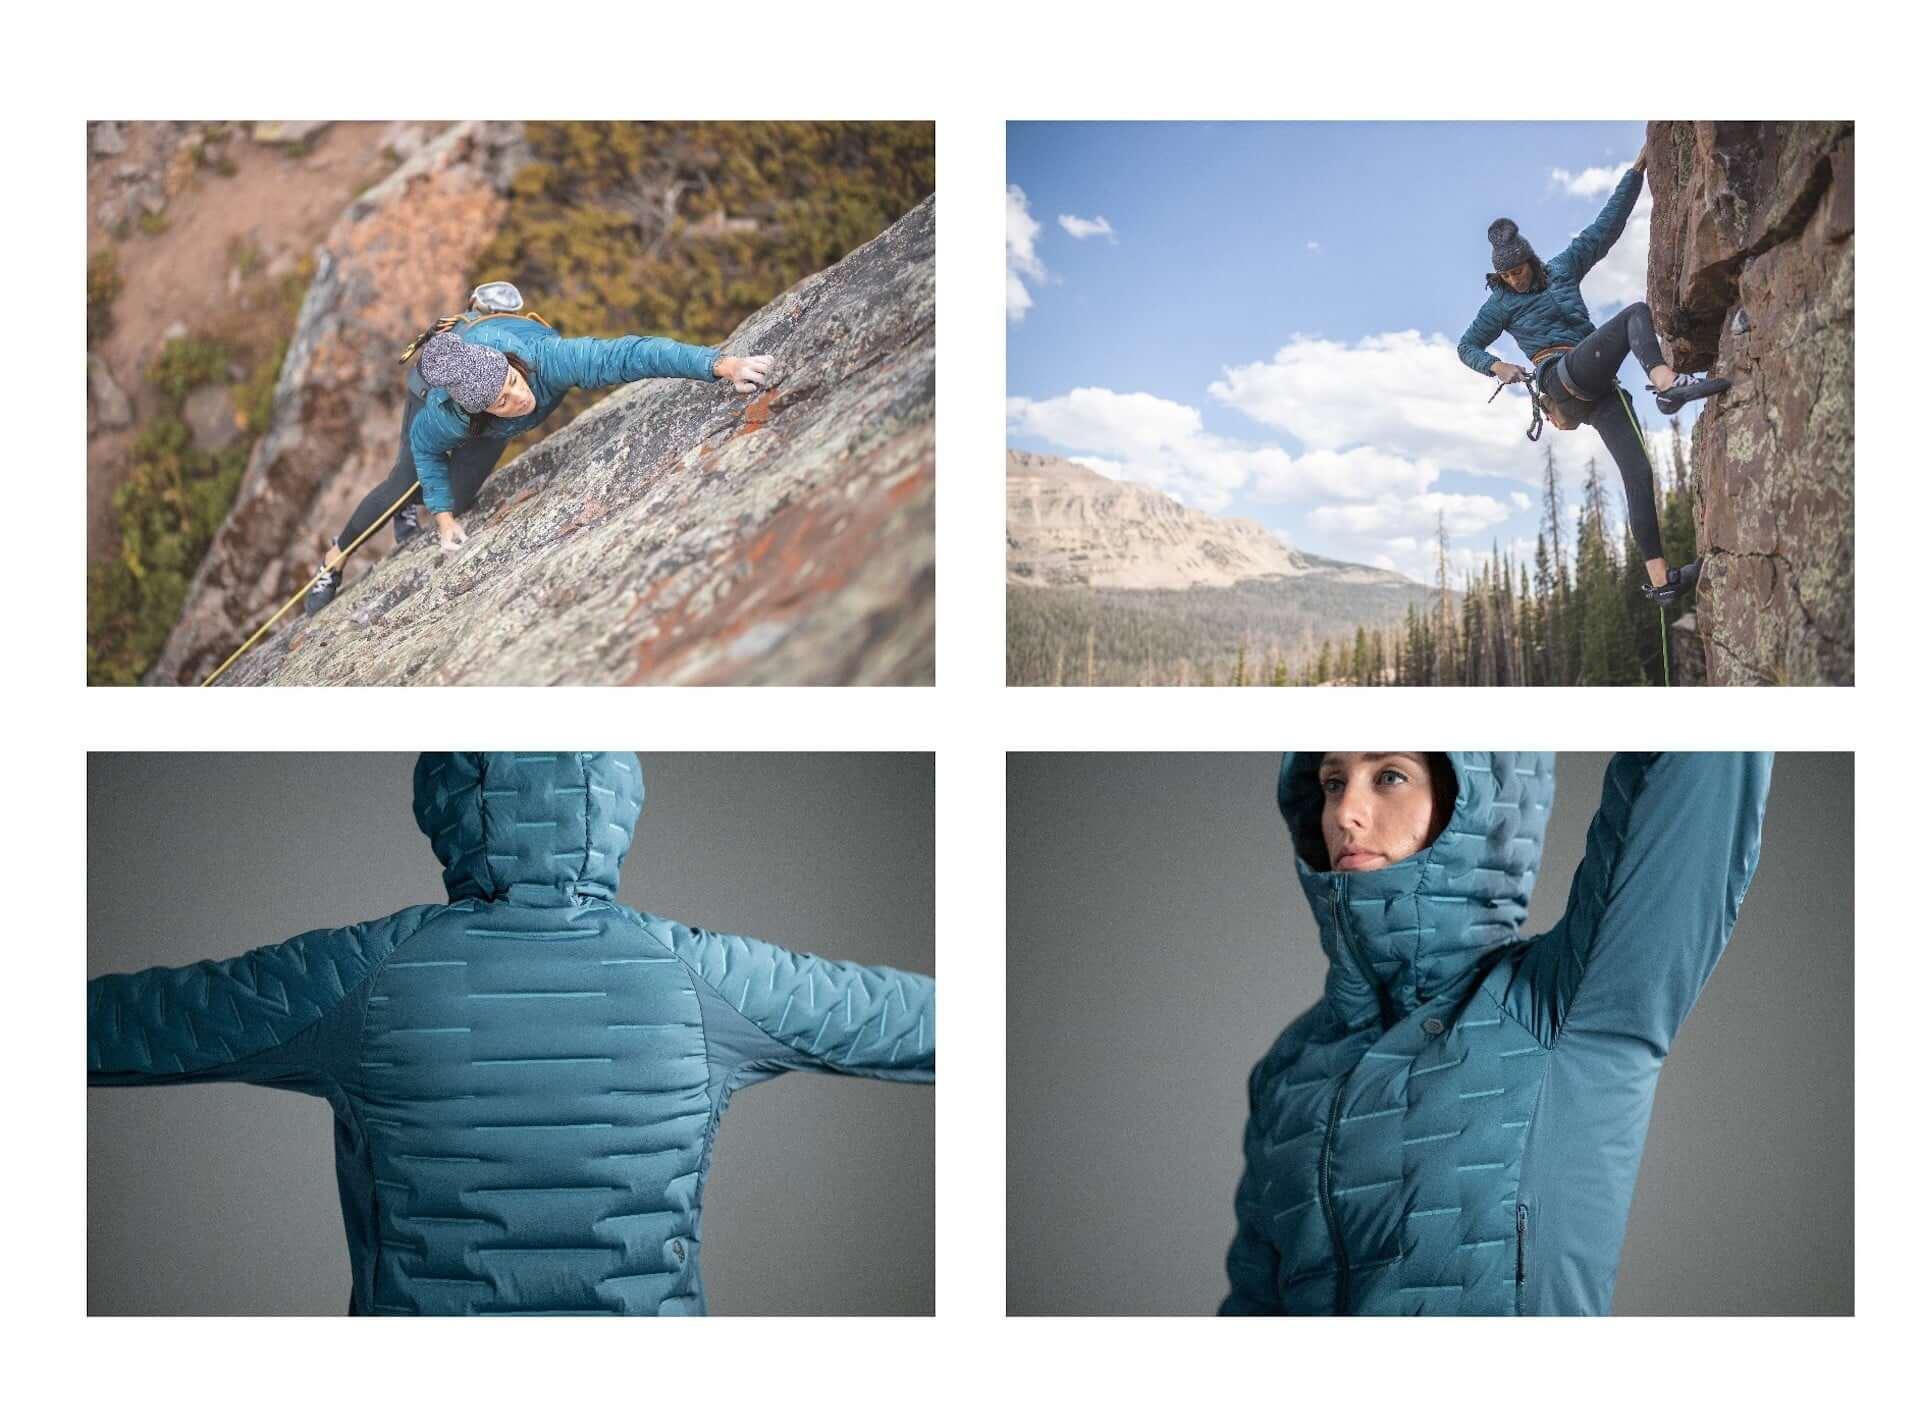 マウンテンハードウェアが縫い目の無いダウンジャケット「Super/DS Strechdown」を発売!クライミング用、ウィメンズモデルなど多数展開 lf201016_mountain-hardwear_10-1920x1427